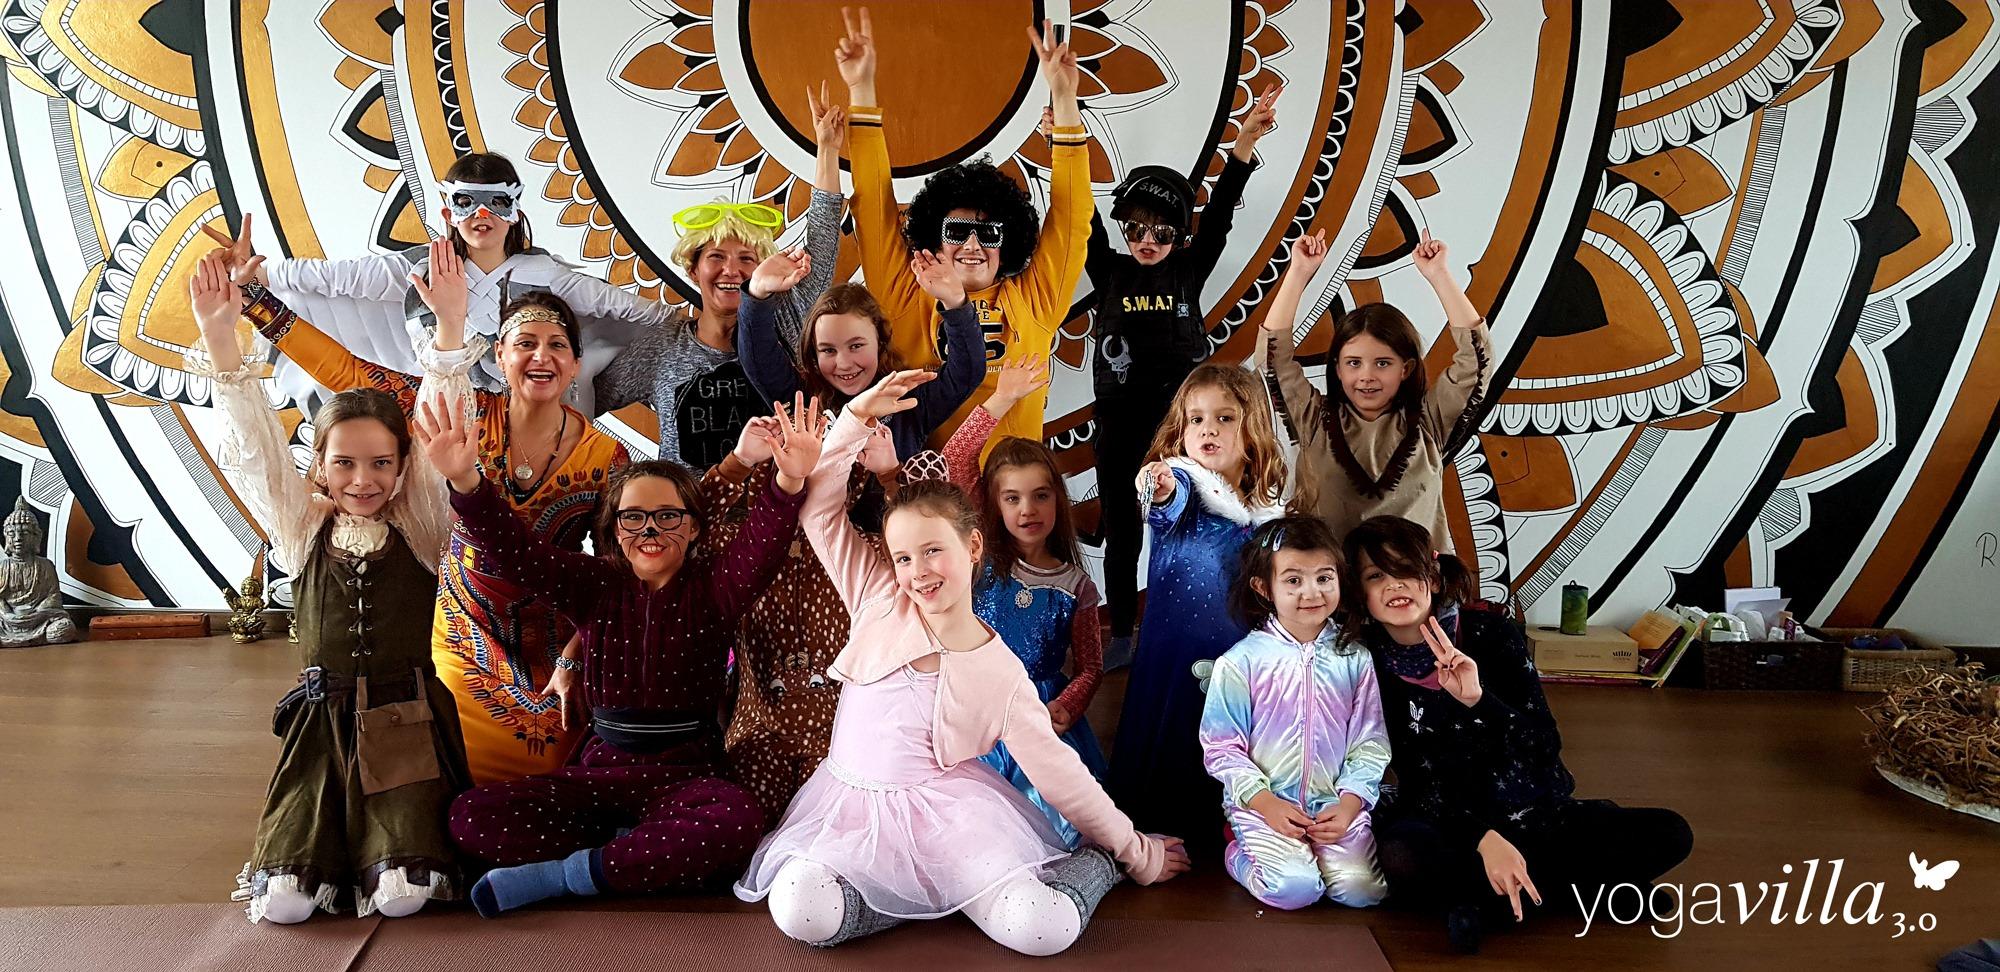 2020-02-22 - Kinder-Lach-Yoga-verkleidet